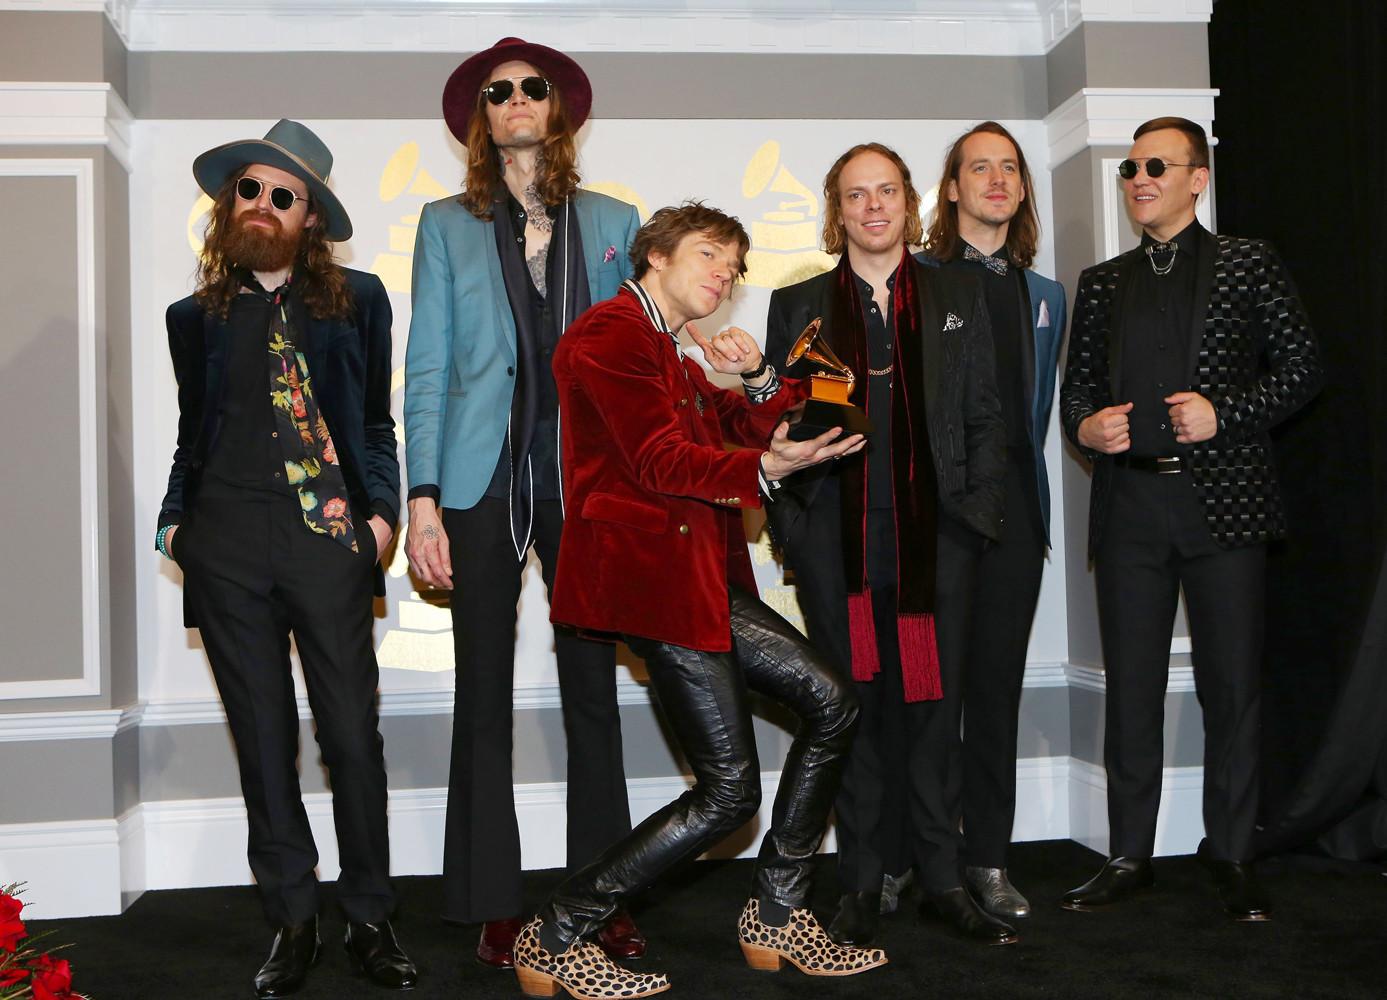 Группа Cage the Elephant получила награду в номинации «Лучший рок-альбом»